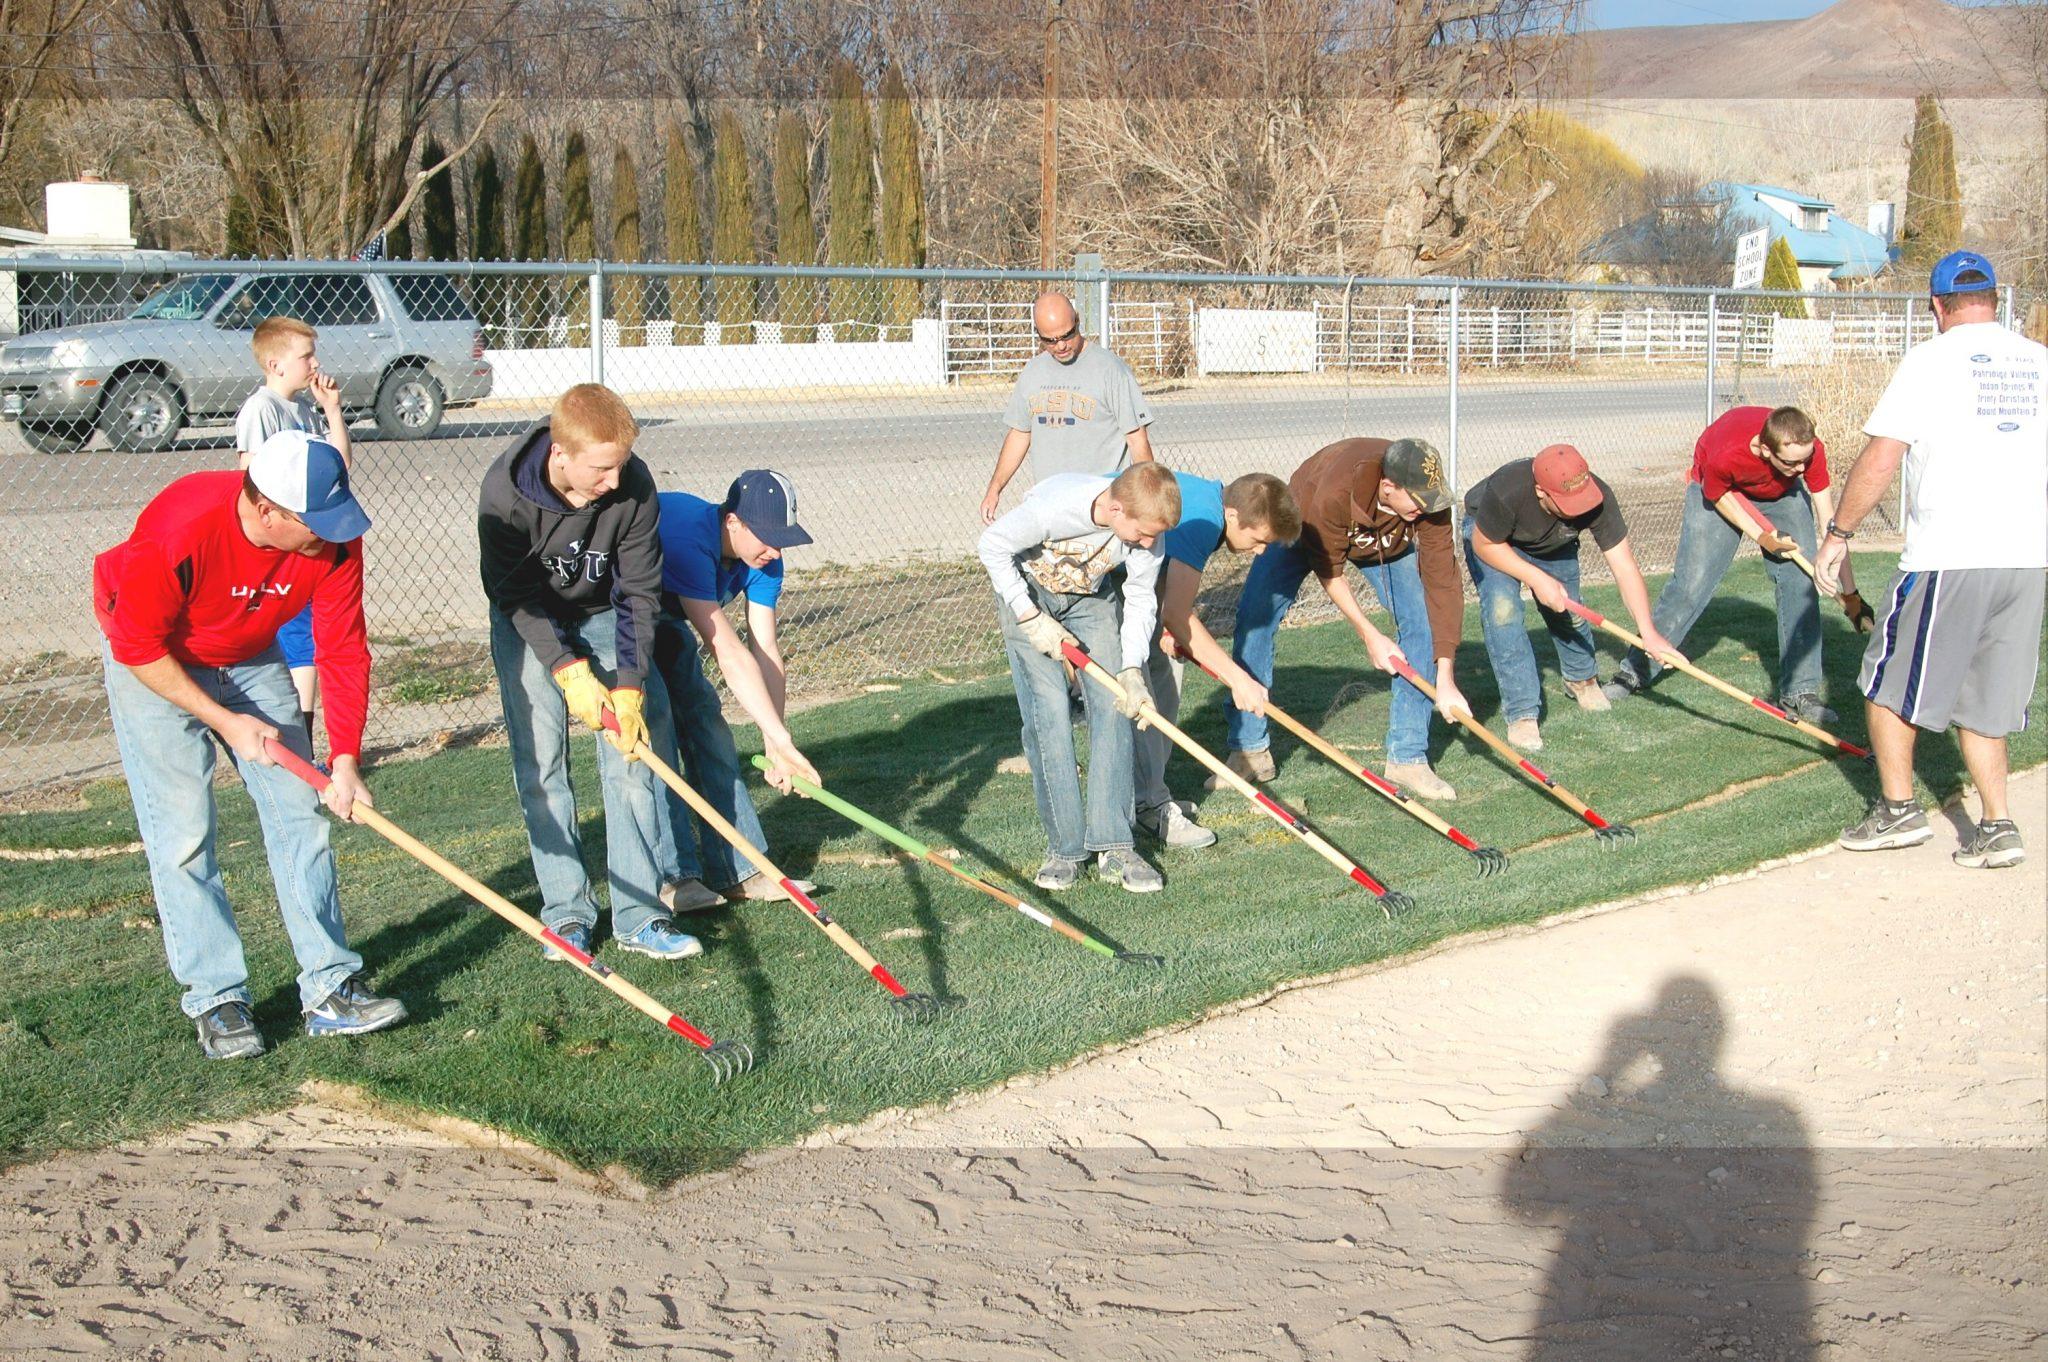 Pahranagat Valley High football field gets facelift